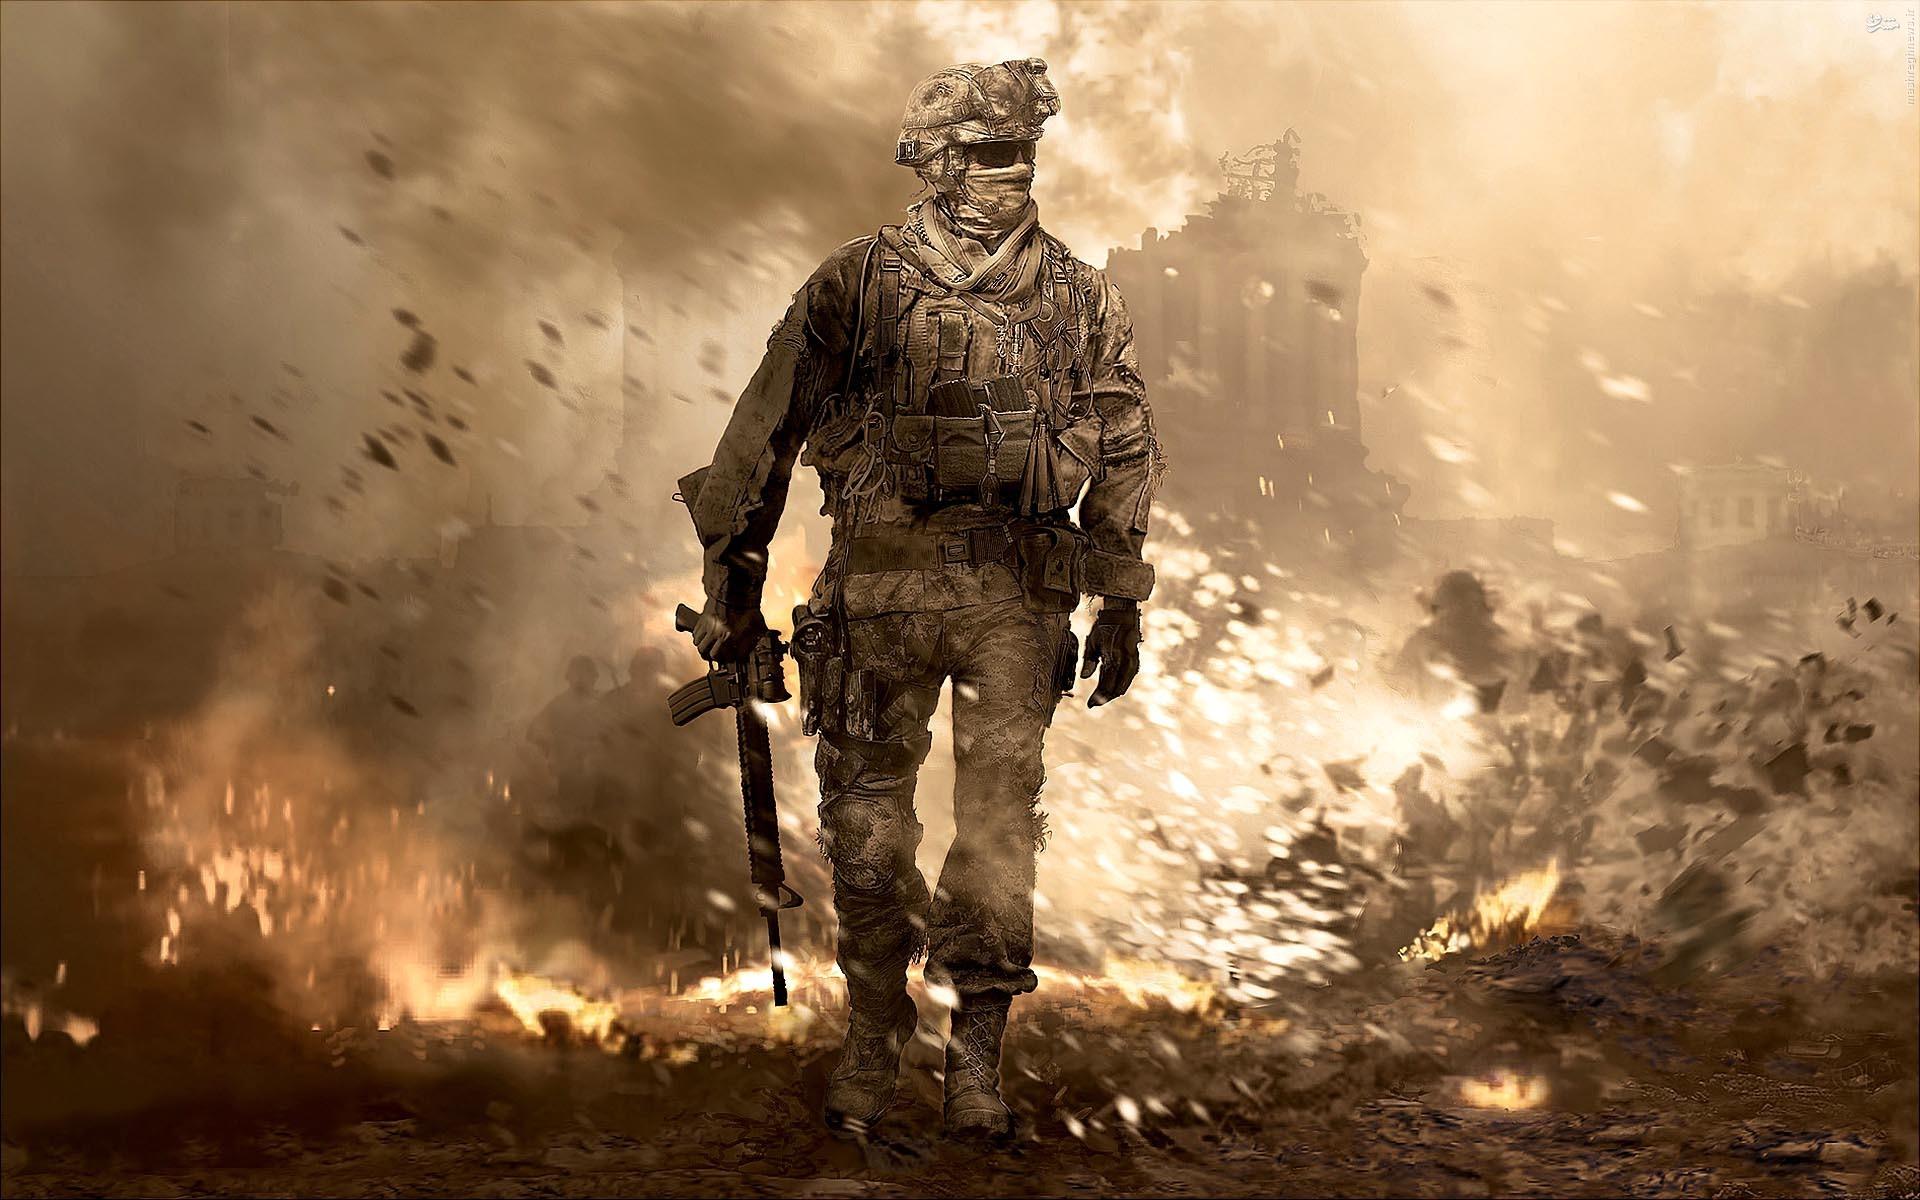 پر هزینهترین بازیهای ویدئویی 3